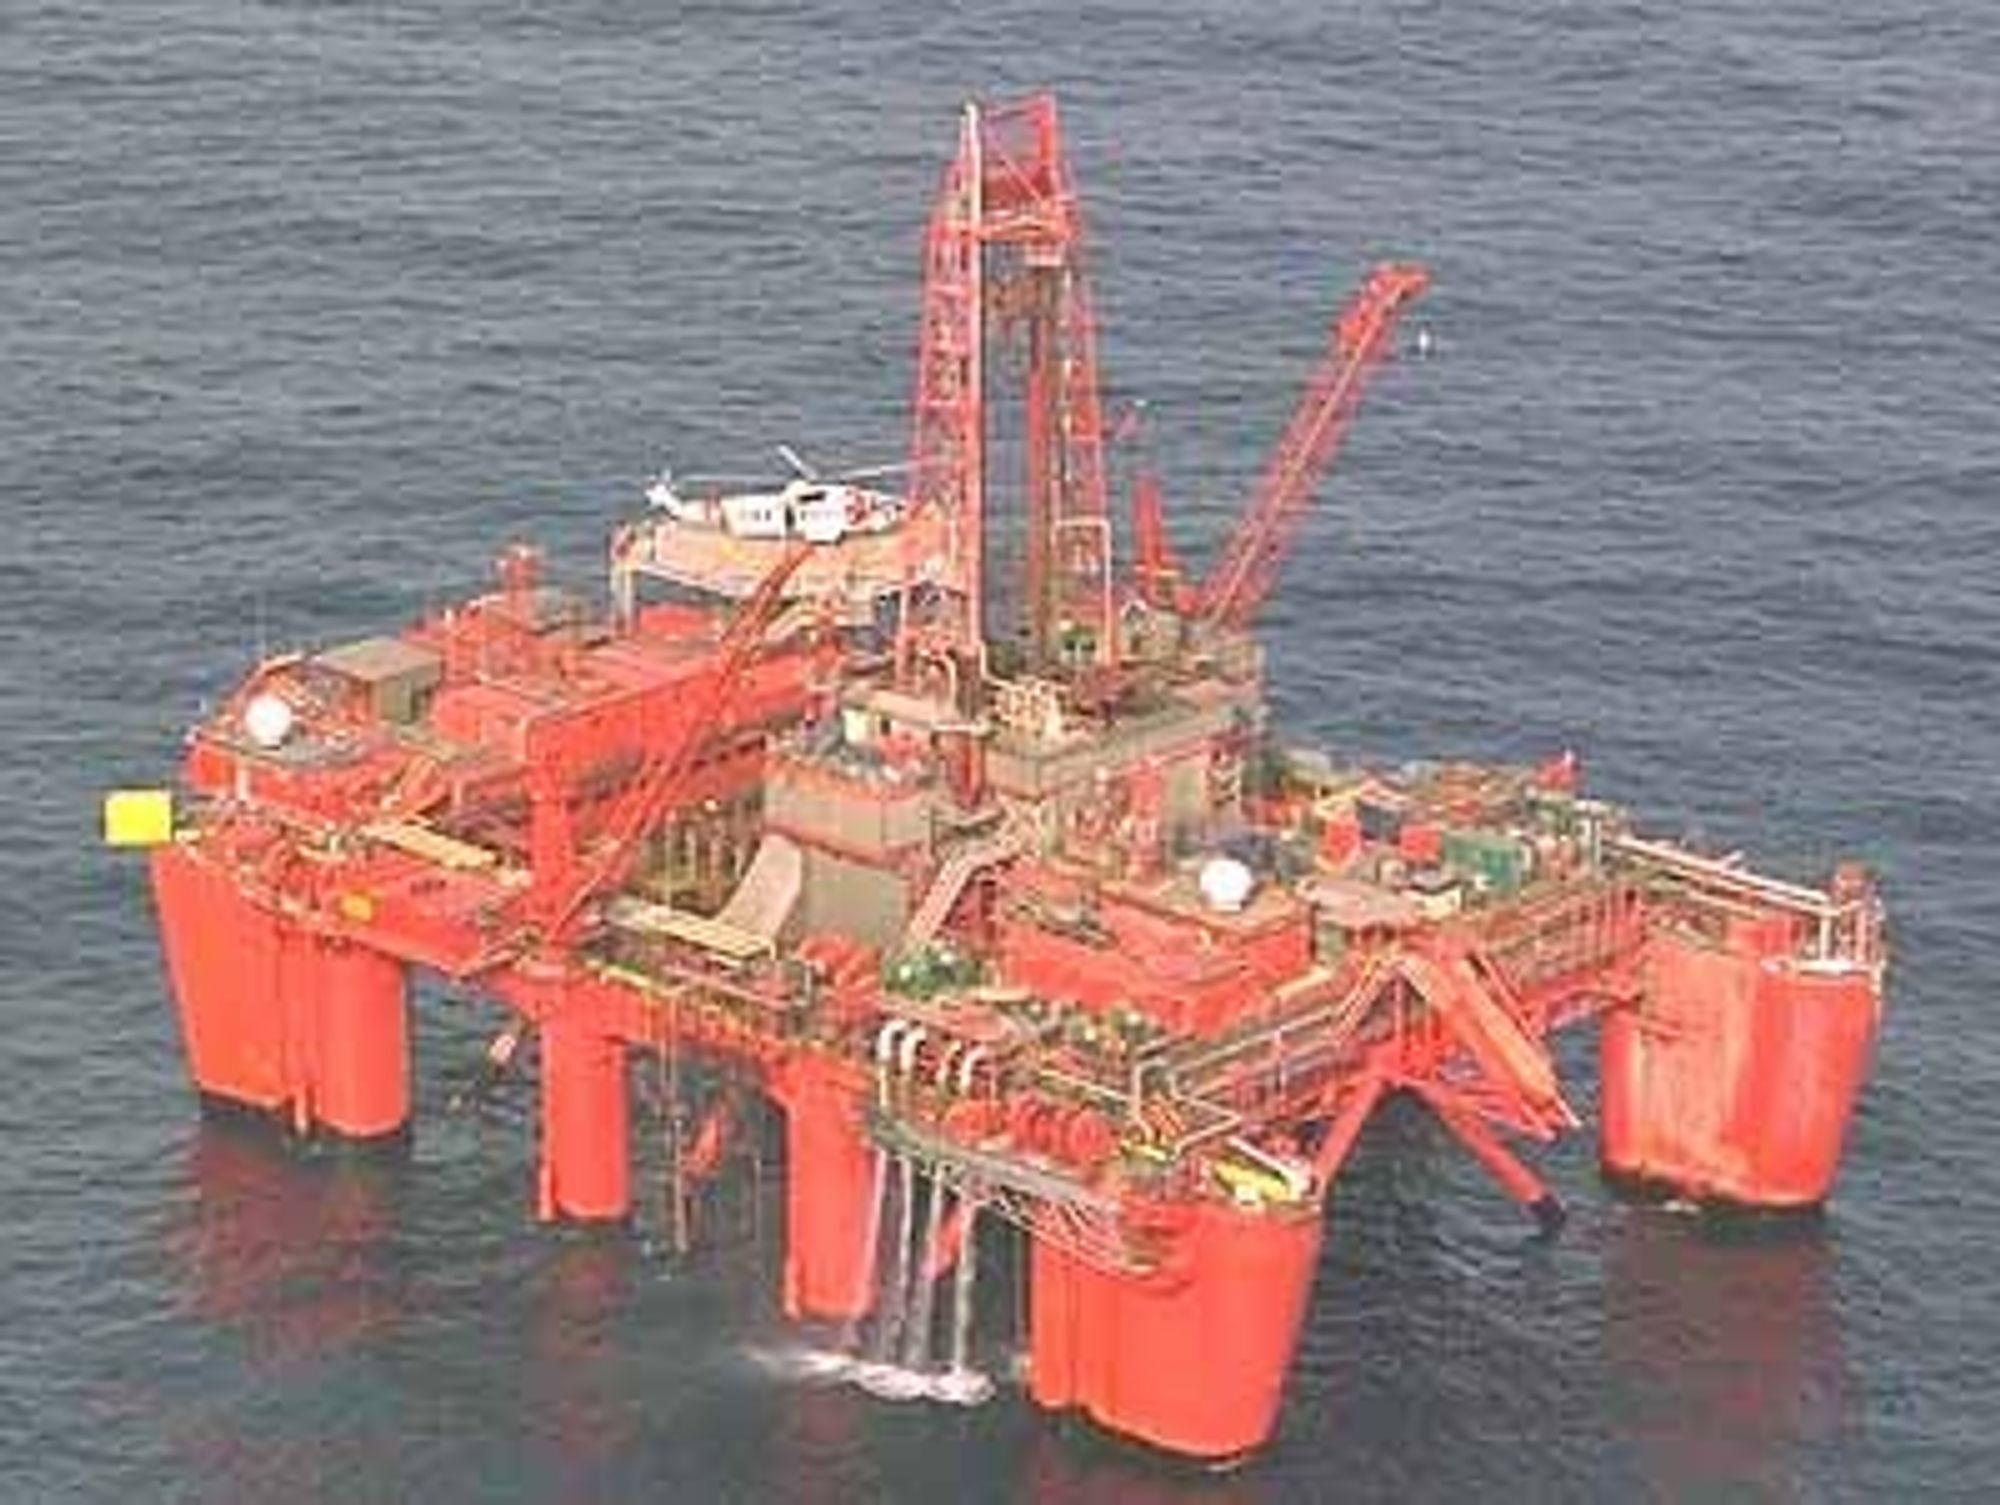 Oljefunnet ble gjort av Bideford Dolphin, som eies av selskapet Dolphin,  en del av Fred. Olsen Energy ASA. Riggen ble bygget i 1975 av Aker Stord og er bygget med Akers H3 design. Den er seinere modifisert og ombygget.